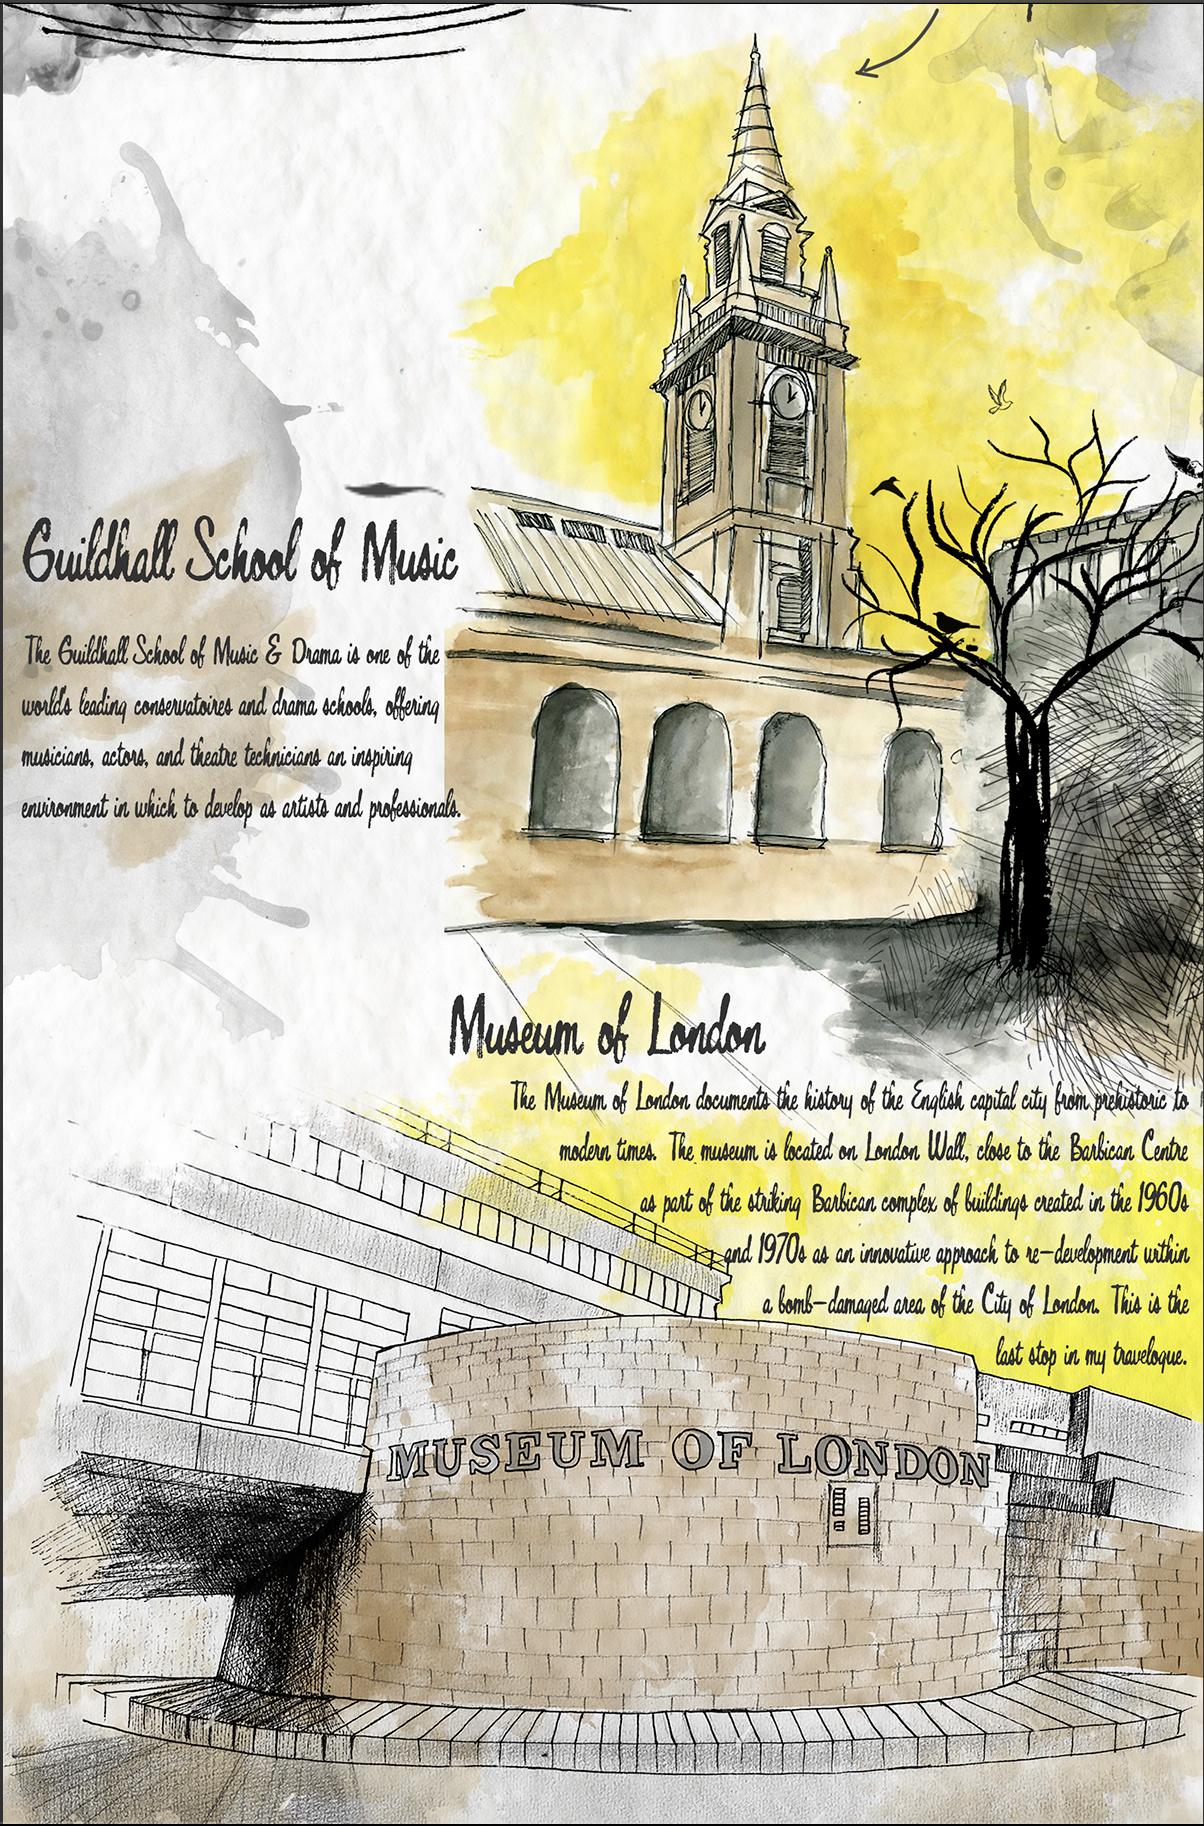 guildhall-museum-of-london-sketch-sooraj